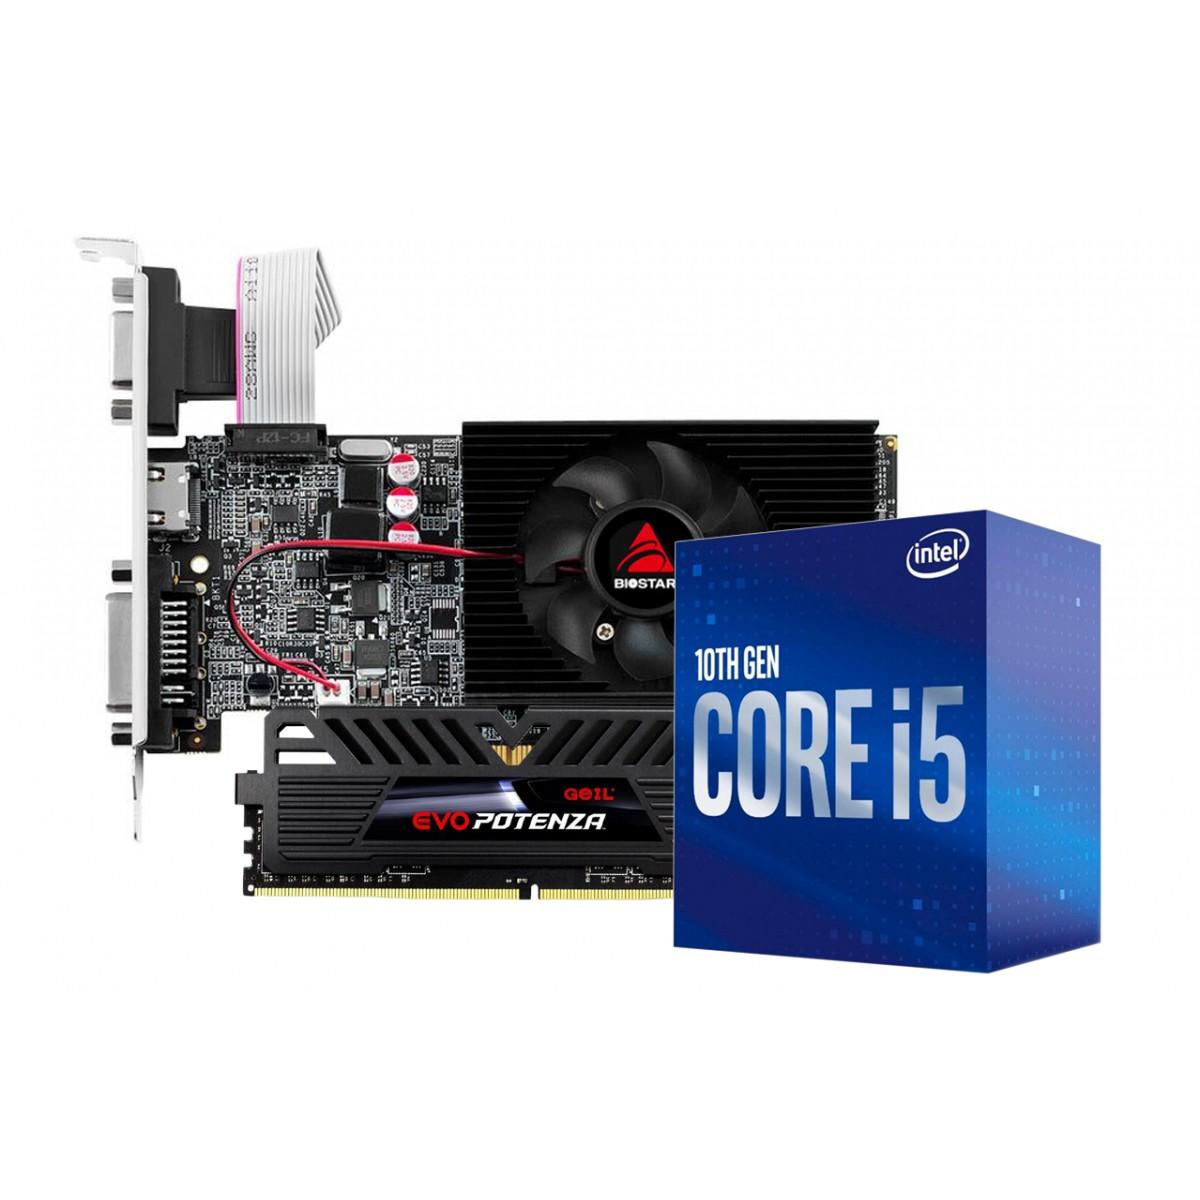 Kit Upgrade Biostar NVIDIA GeForce GT 710 2GB + Intel Core i5 10400F + Geil Evo Potenza 8GB 3000MHz